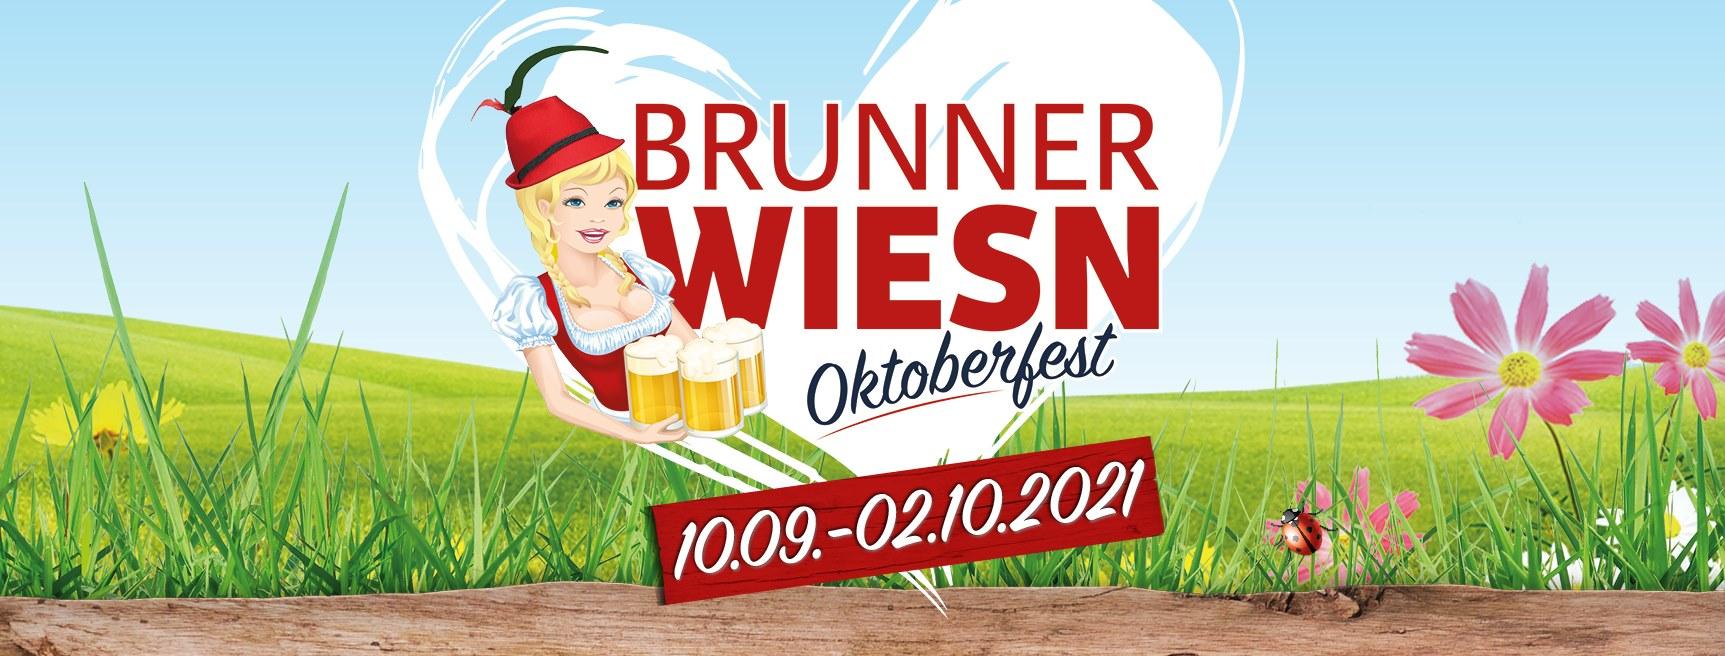 Events Wien: Brunner Wiesn | NÖ größtes Oktoberfest